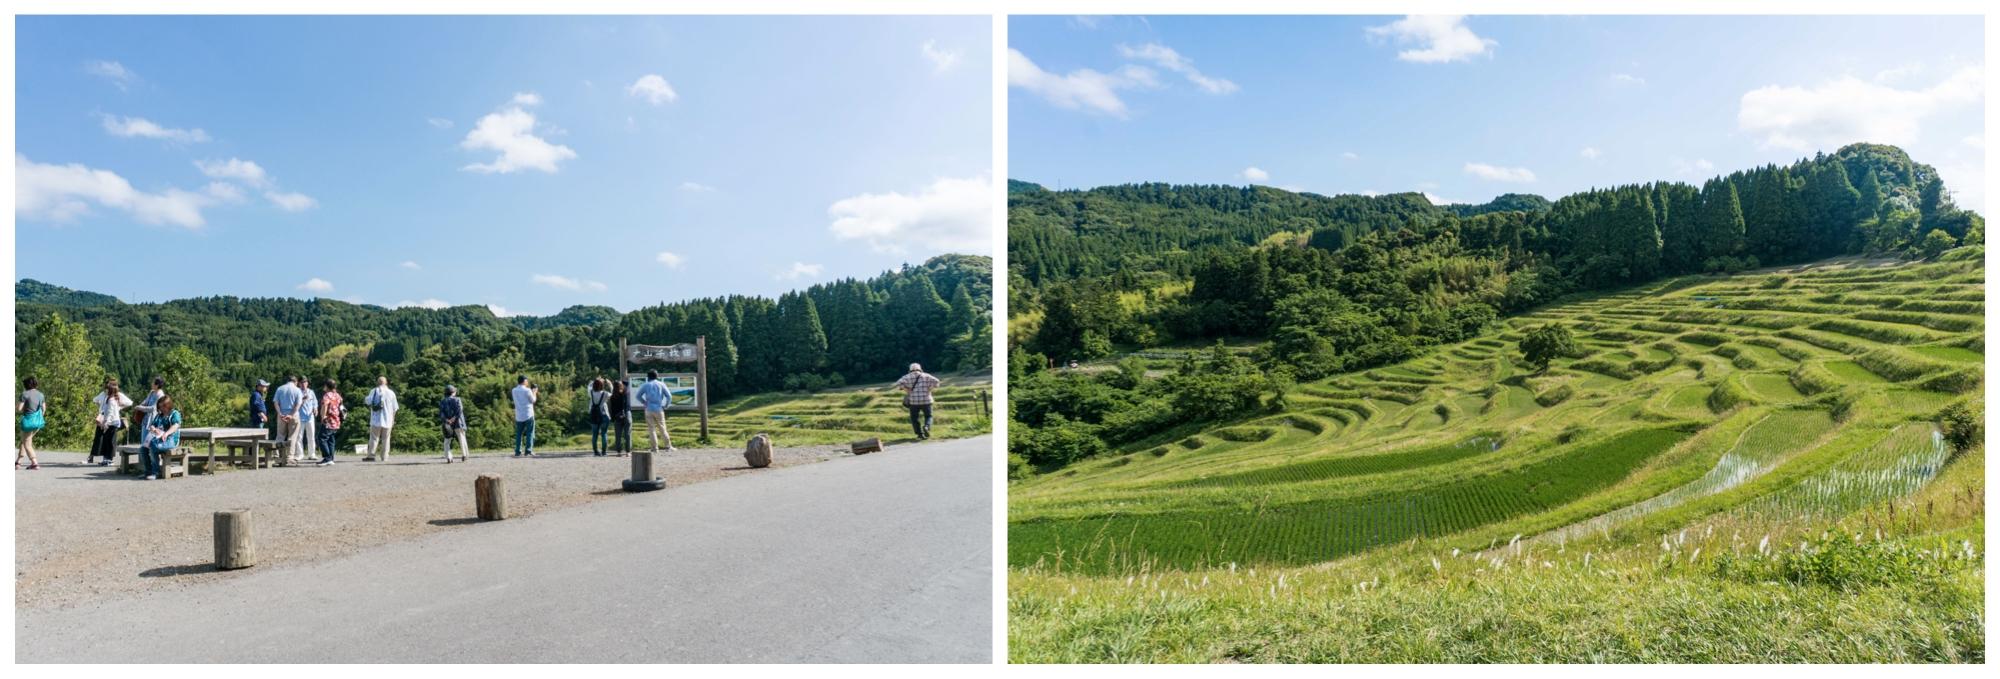 大山千枚田の風景と見物人